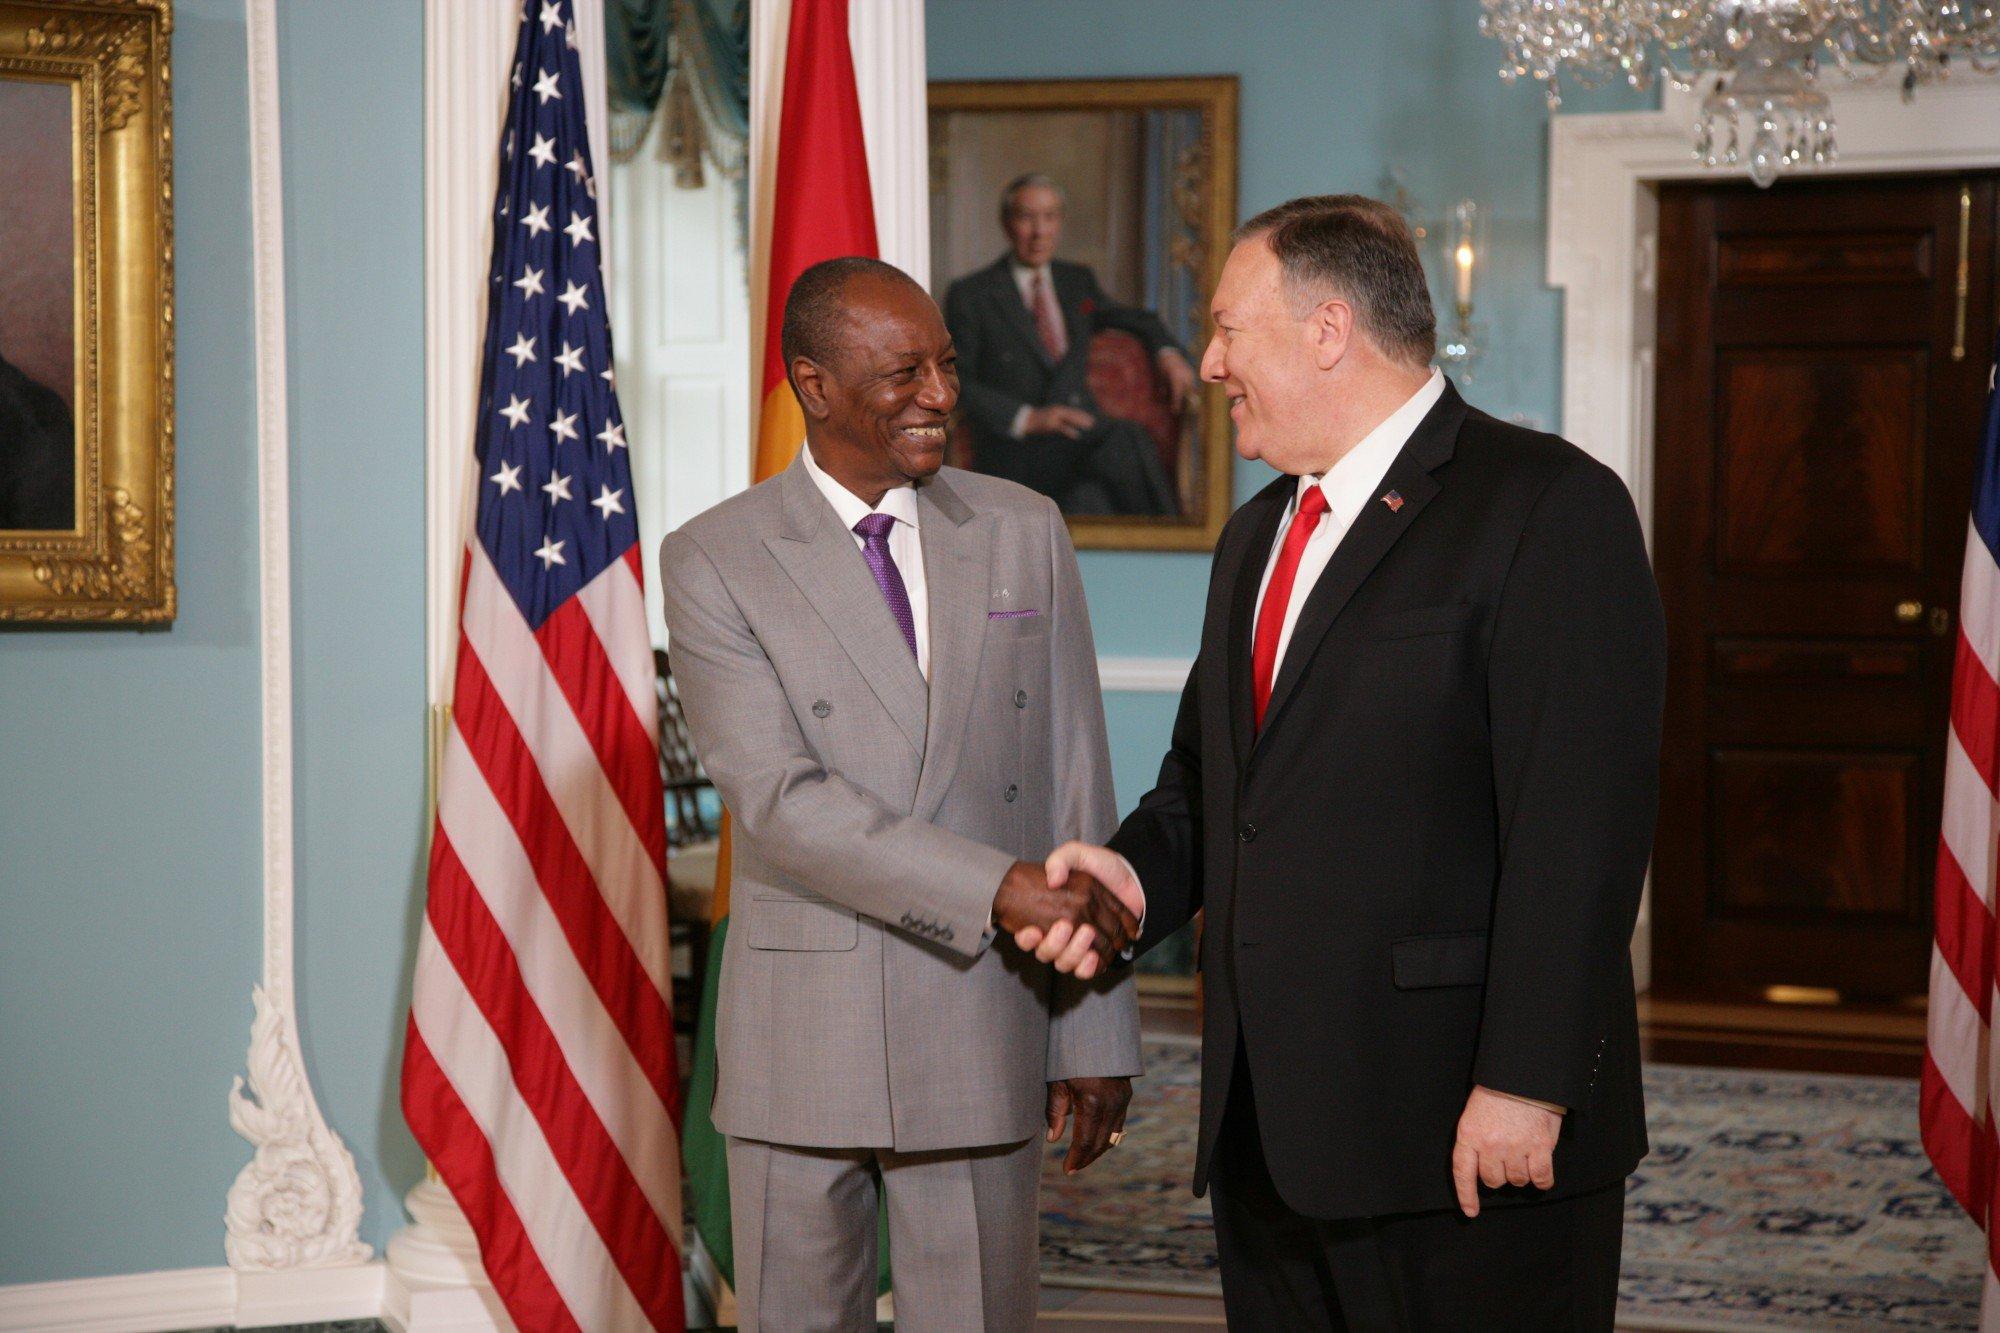 幾內亞總統顧德(Alpha Conde)2019年9月拜會美國務卿蓬佩奧(Mike Pompeo)(圖/美國國務卿推特)